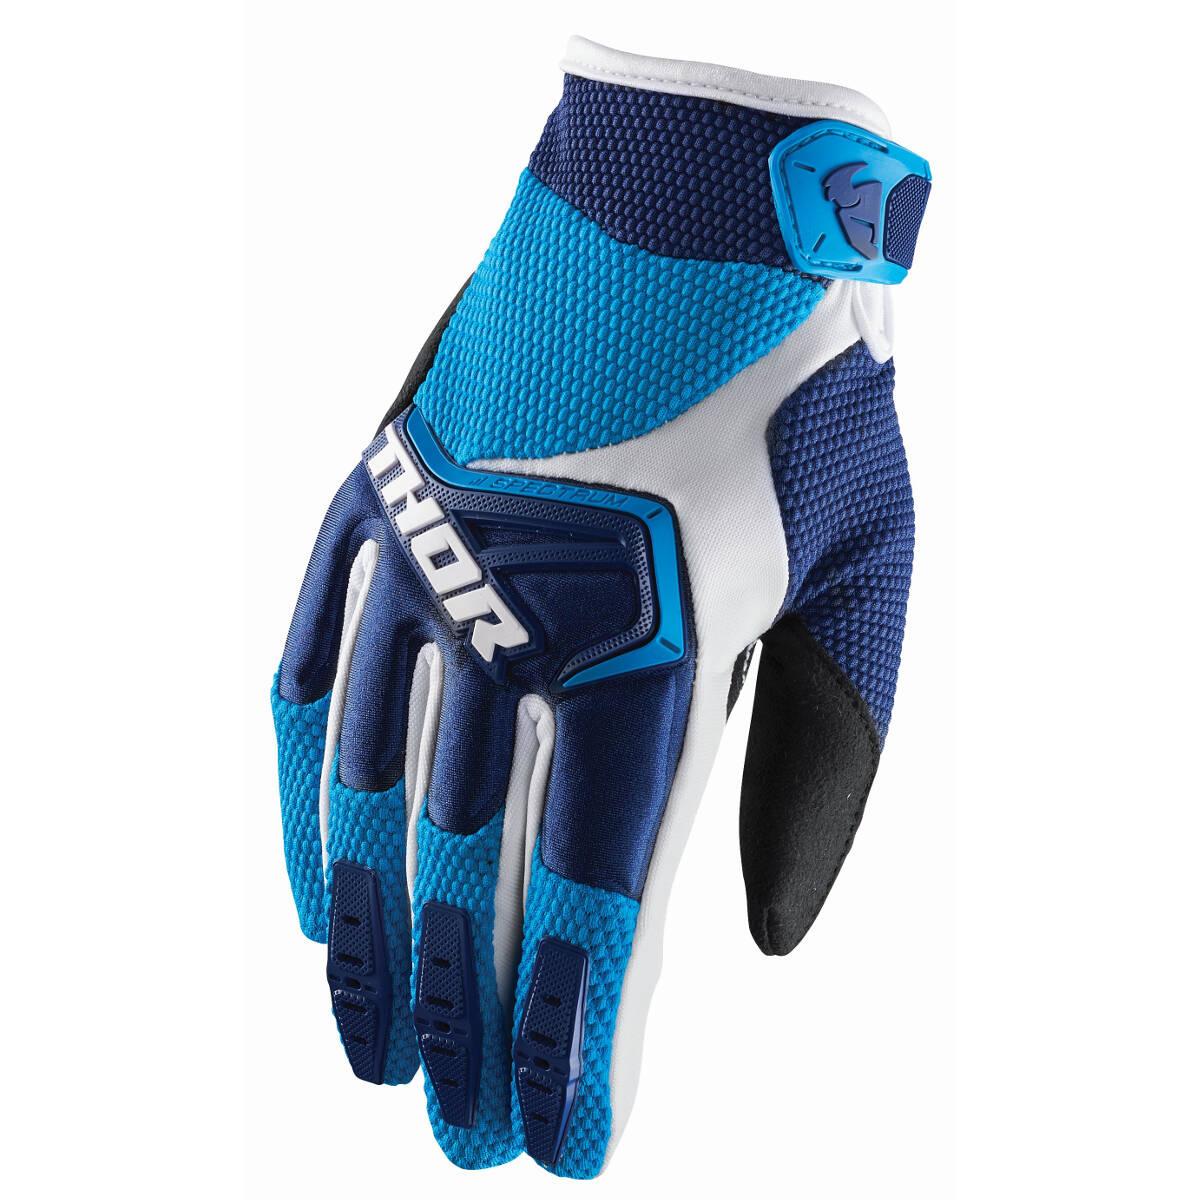 Thor Handschuhe Spectrum Navy/Blau/Weiß